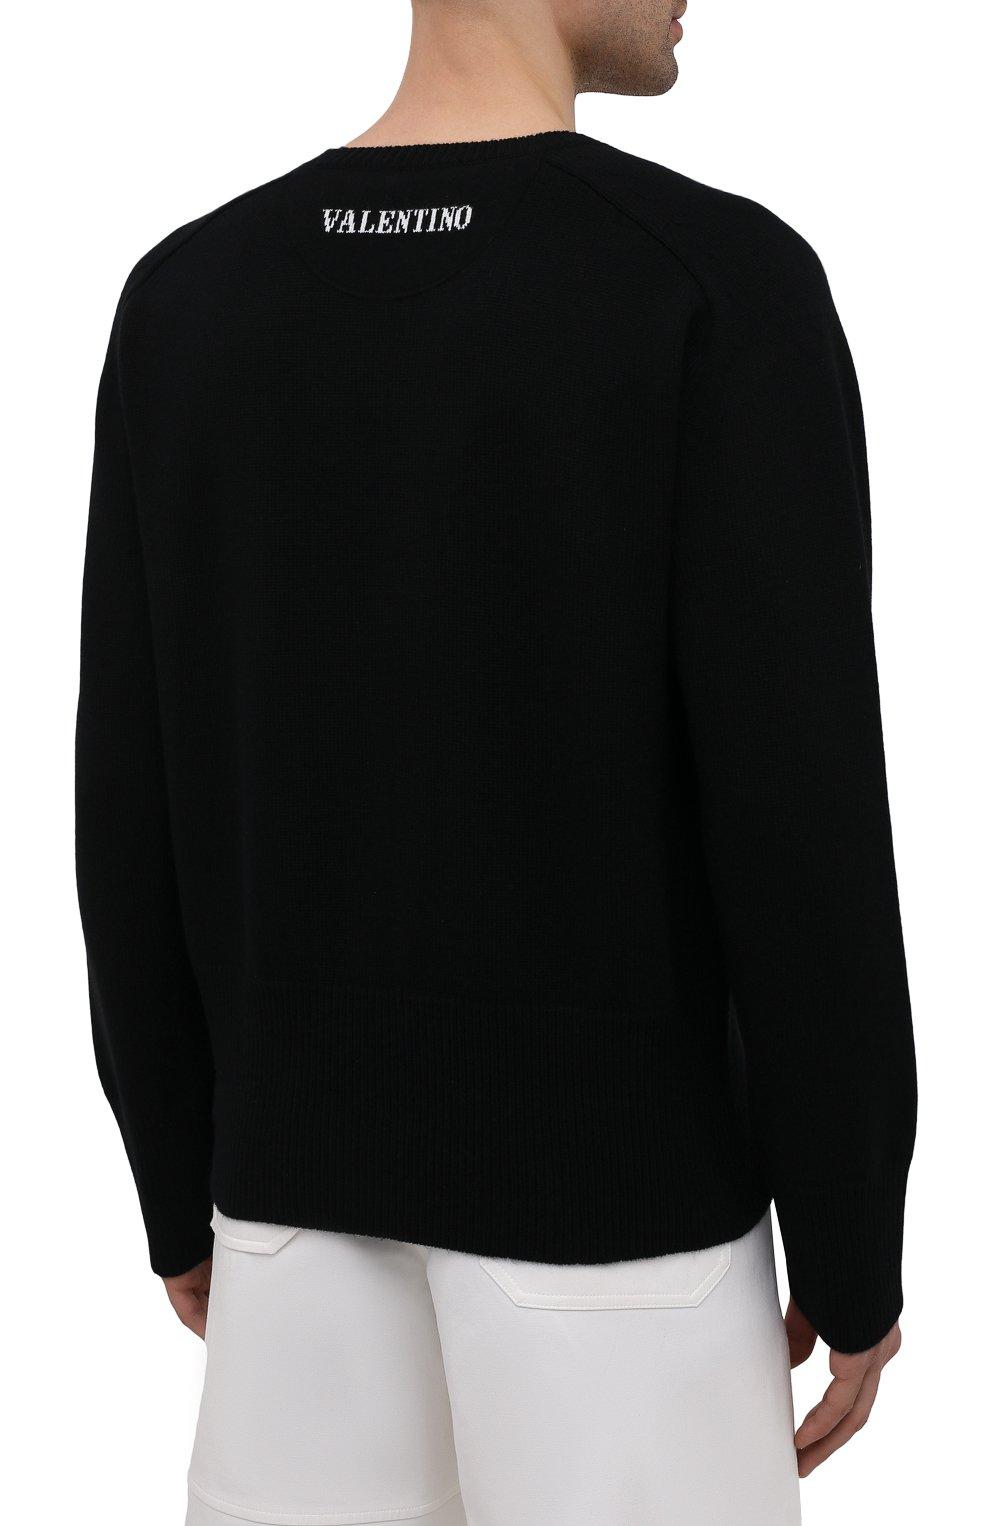 Мужской кашемировый свитер VALENTINO черного цвета, арт. WV3KC15D7K8 | Фото 4 (Материал внешний: Шерсть; Рукава: Длинные; Принт: Без принта; Длина (для топов): Стандартные; Стили: Кэжуэл)